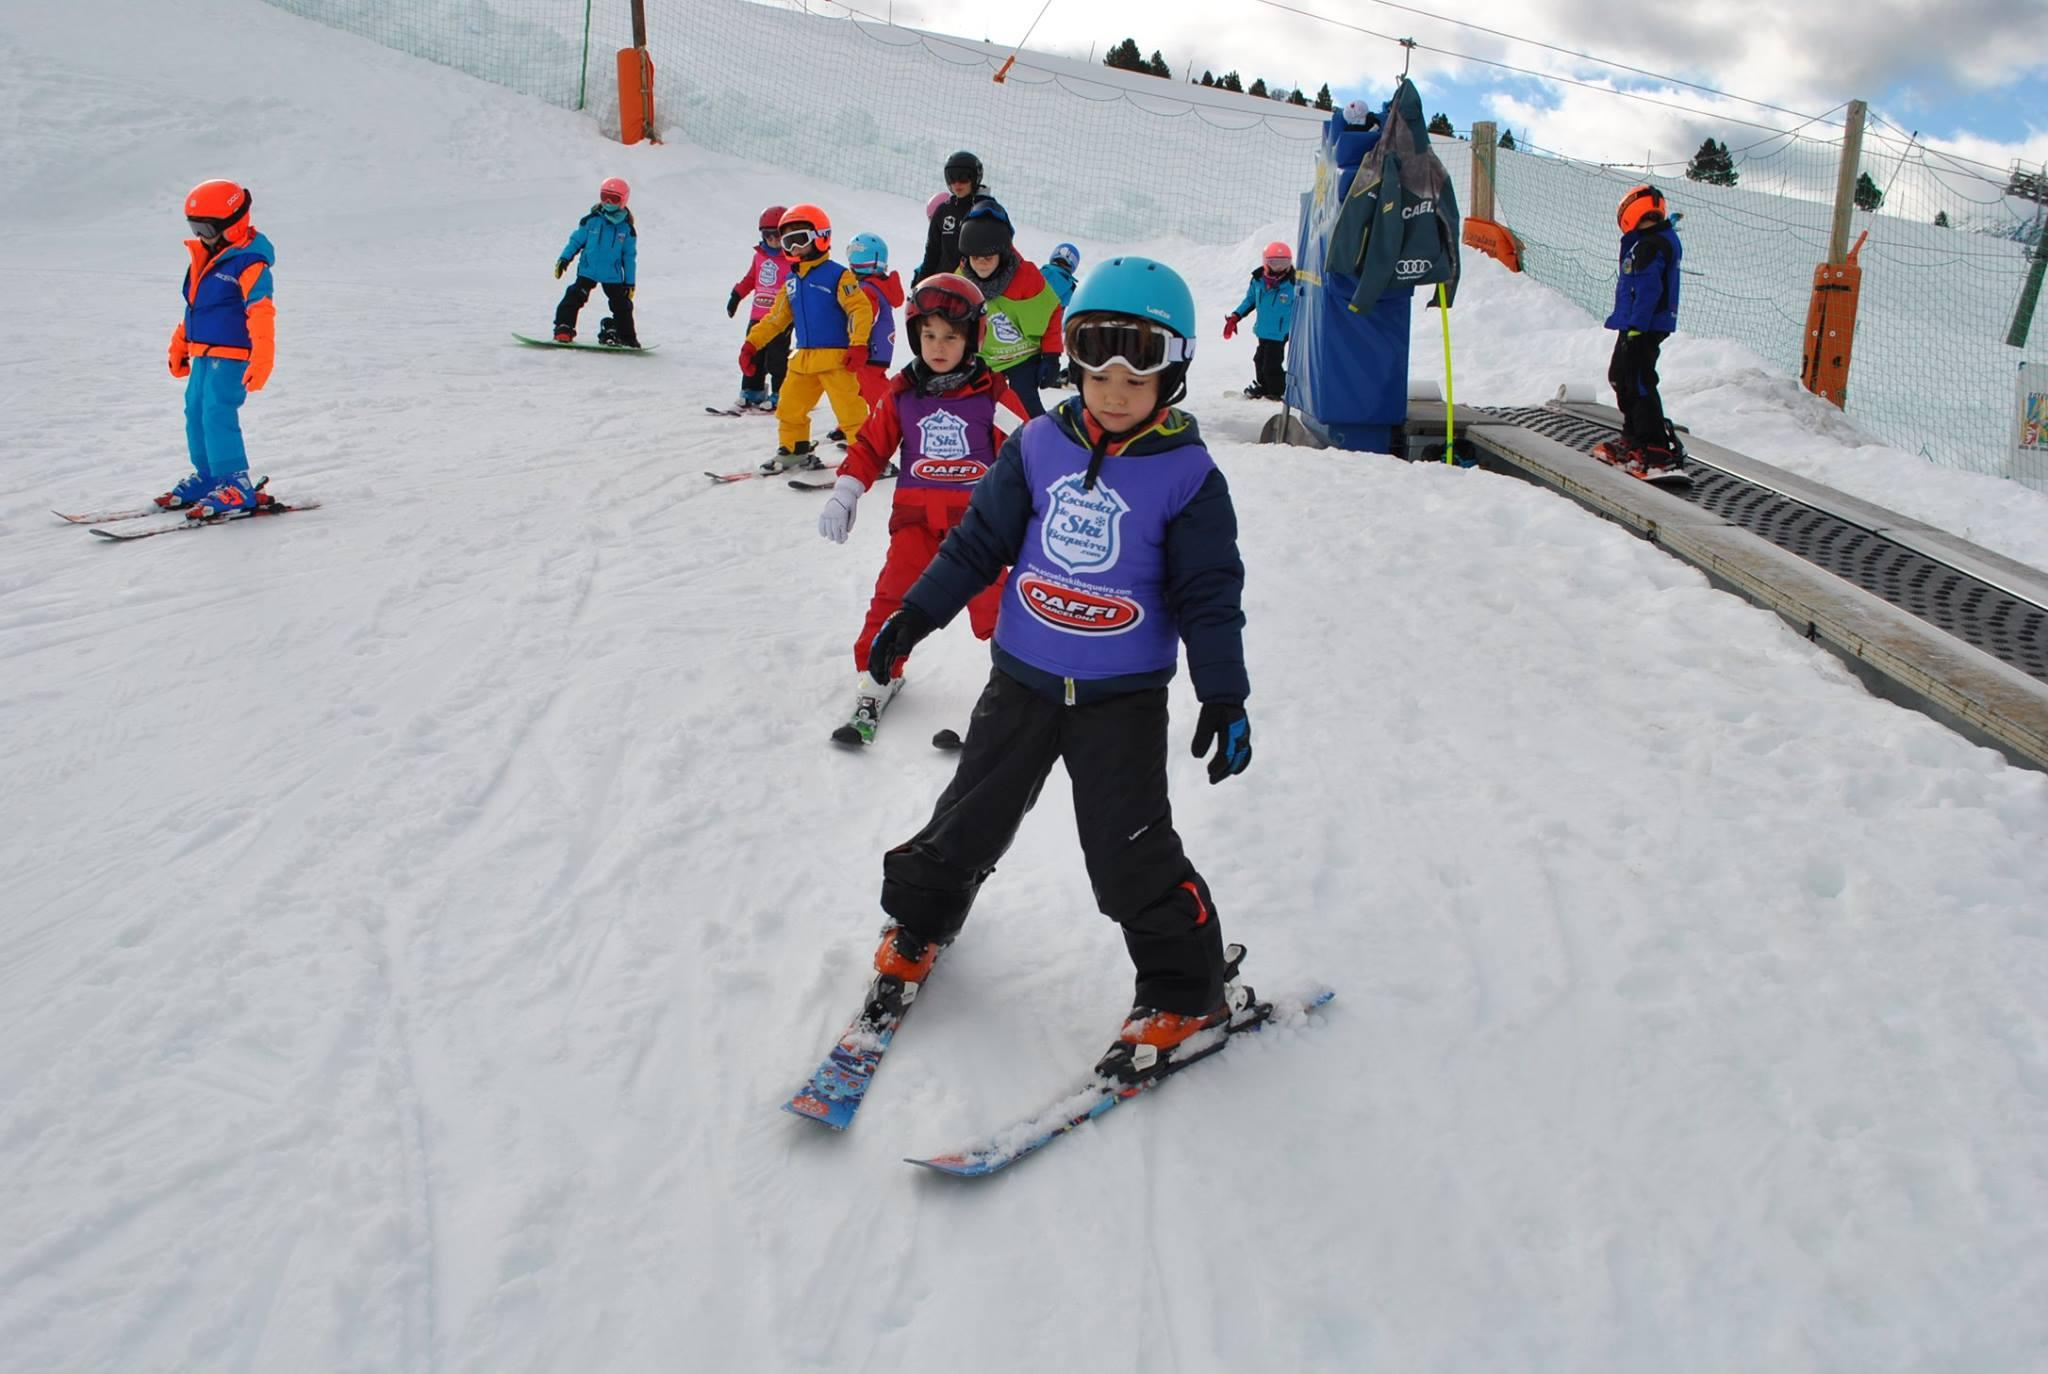 Cours de Ski pour Enfants (4-17 ans) - Tous Niveaux